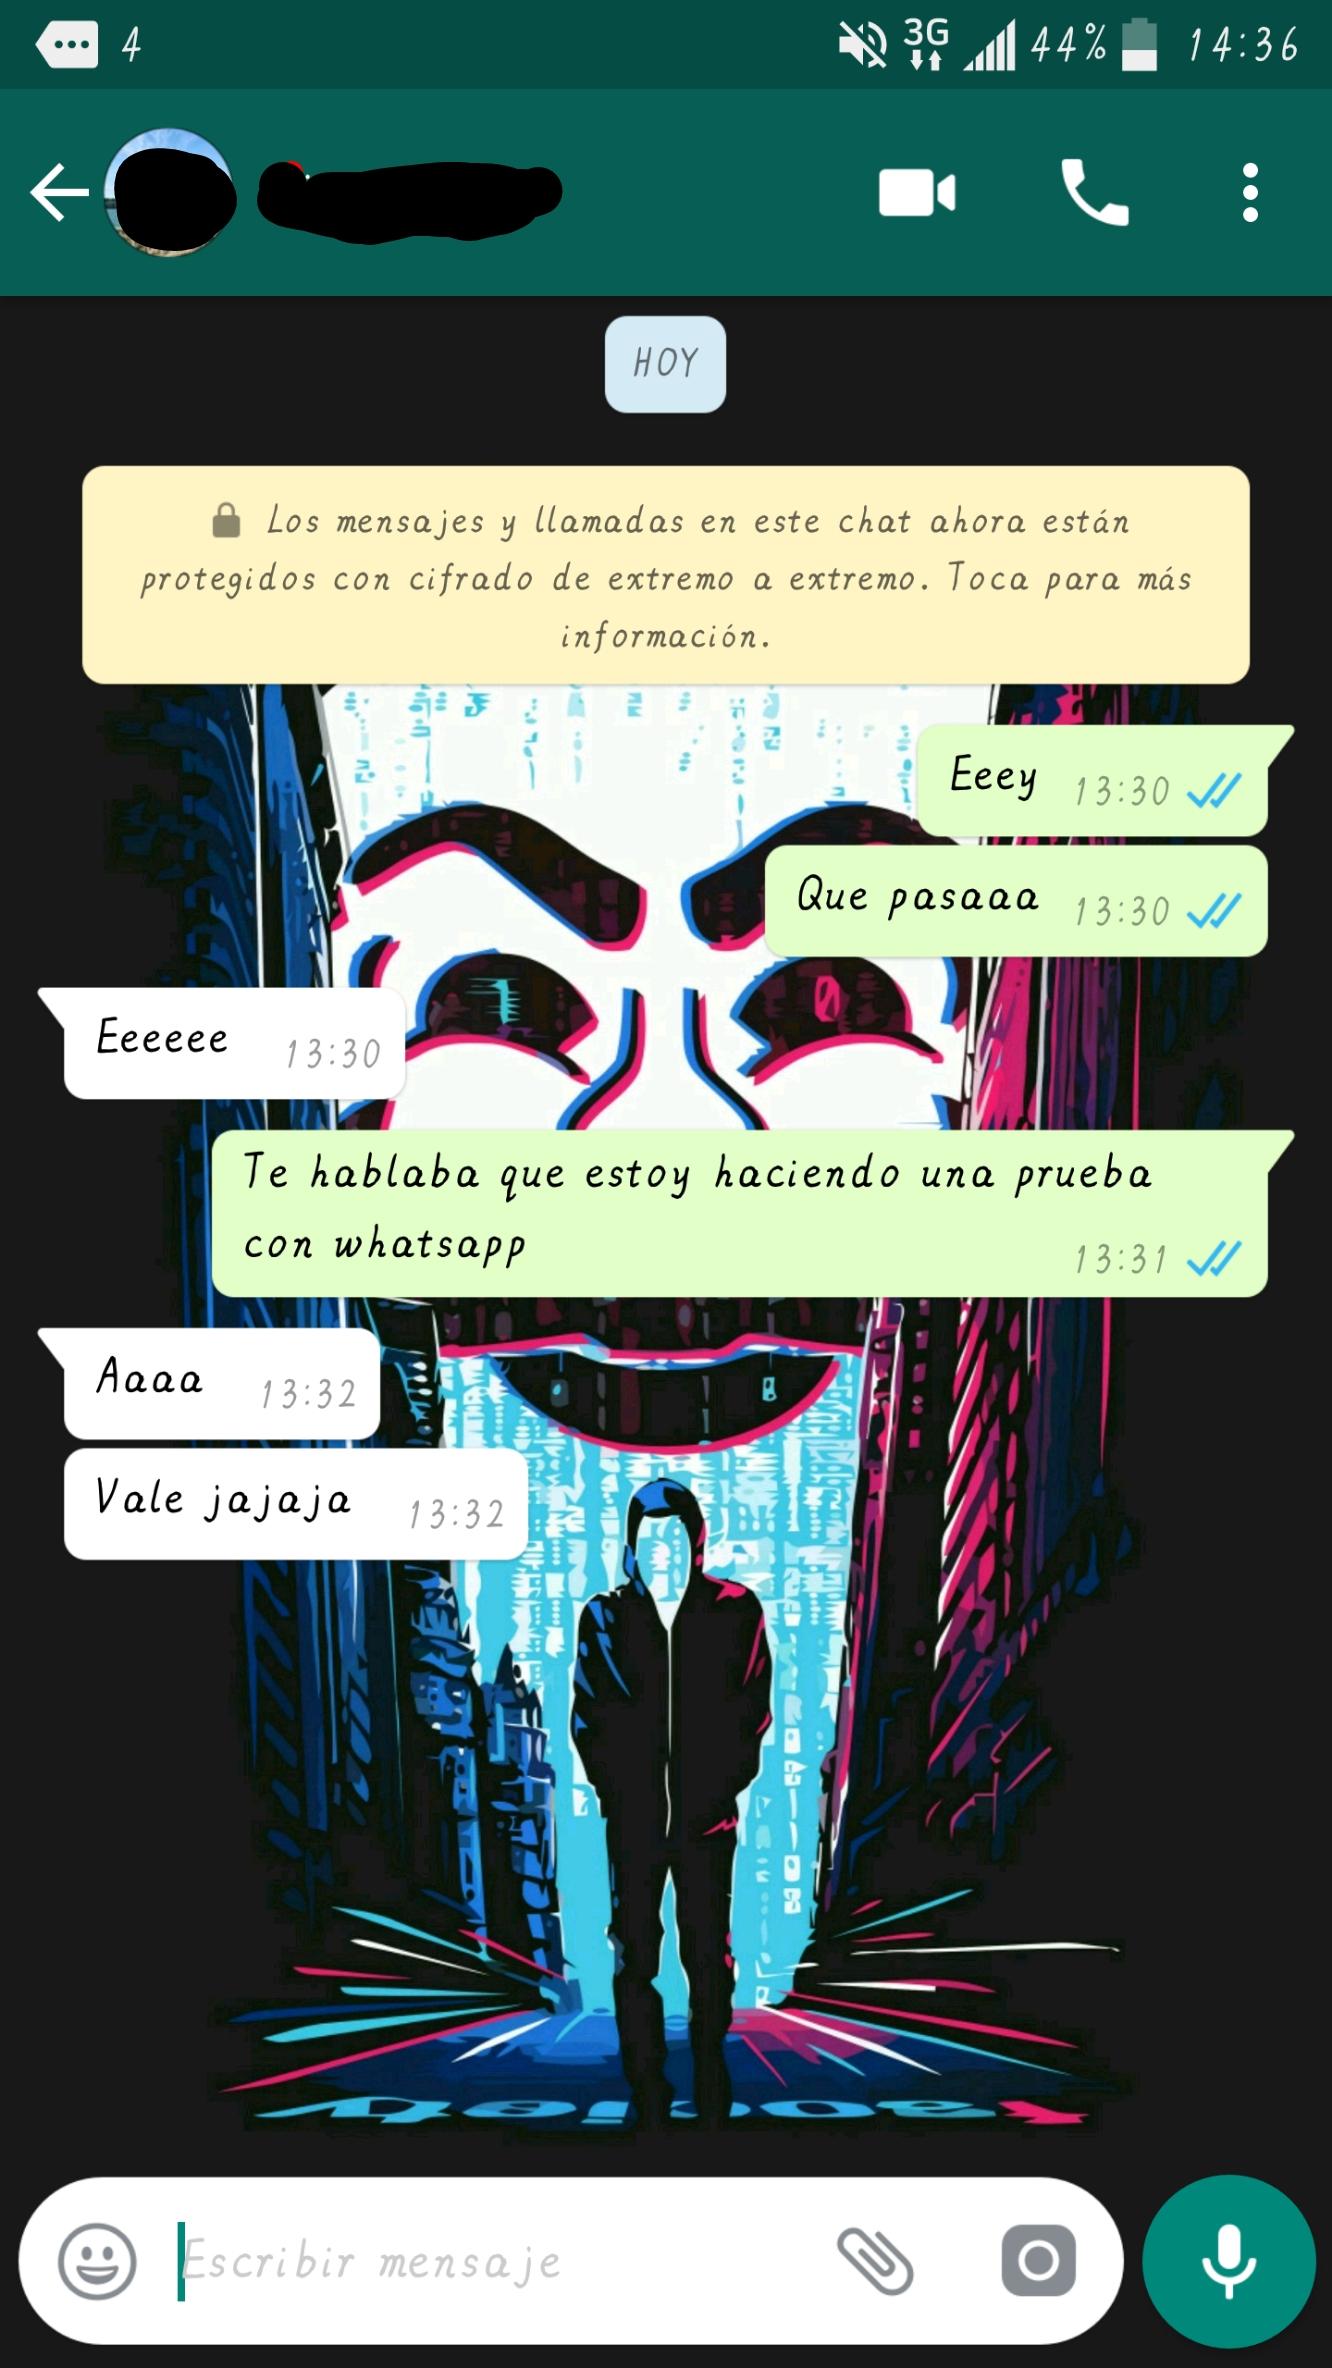 Underc0de - Chat whatsapp